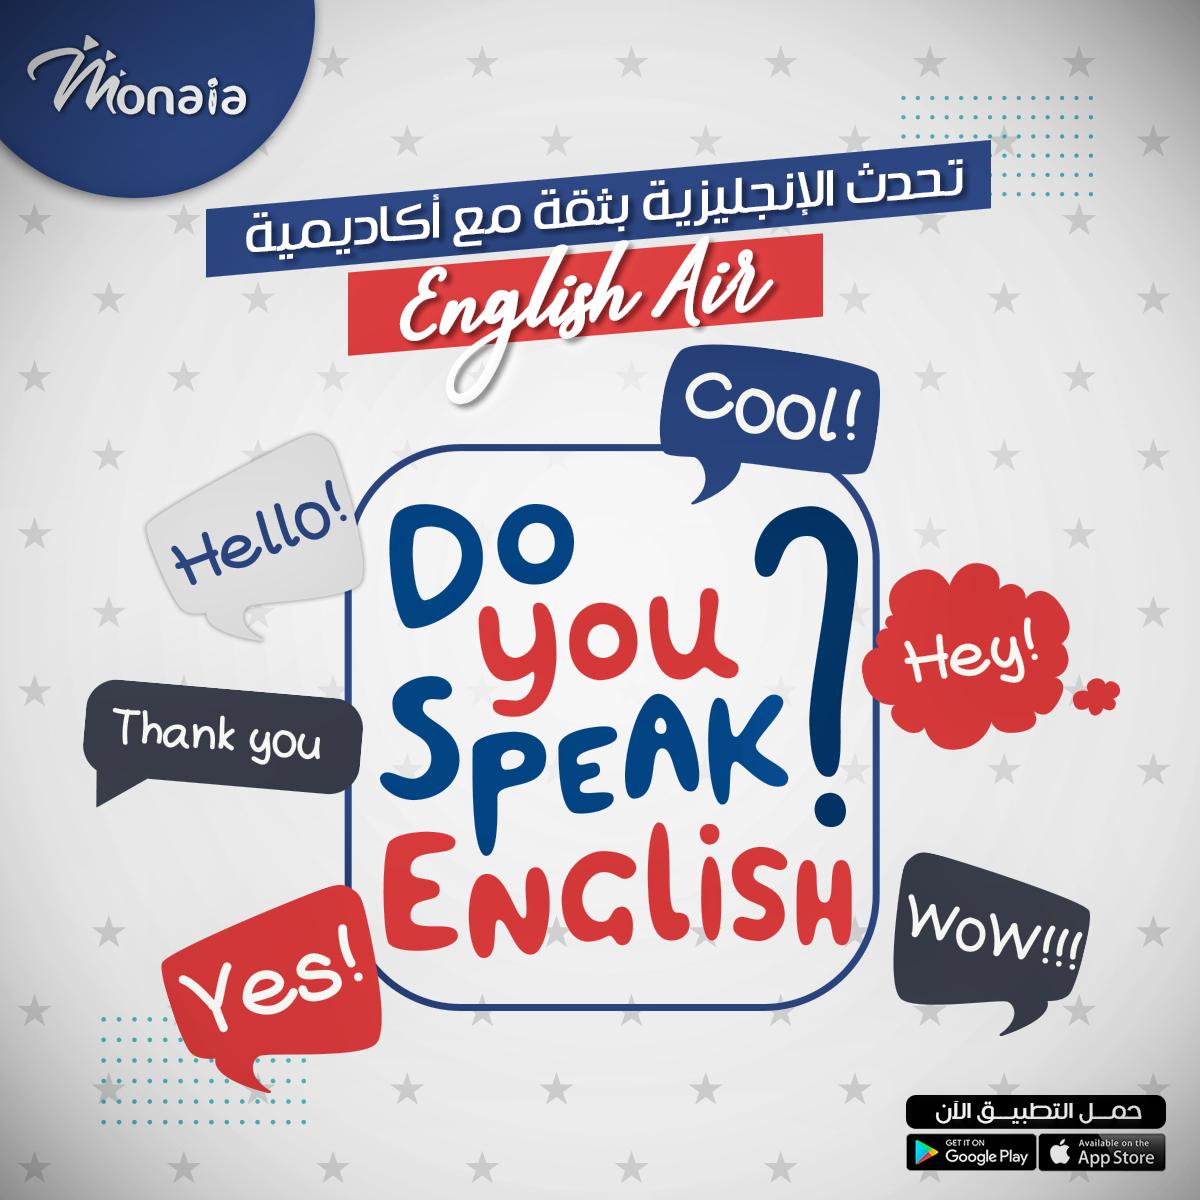 english air - english